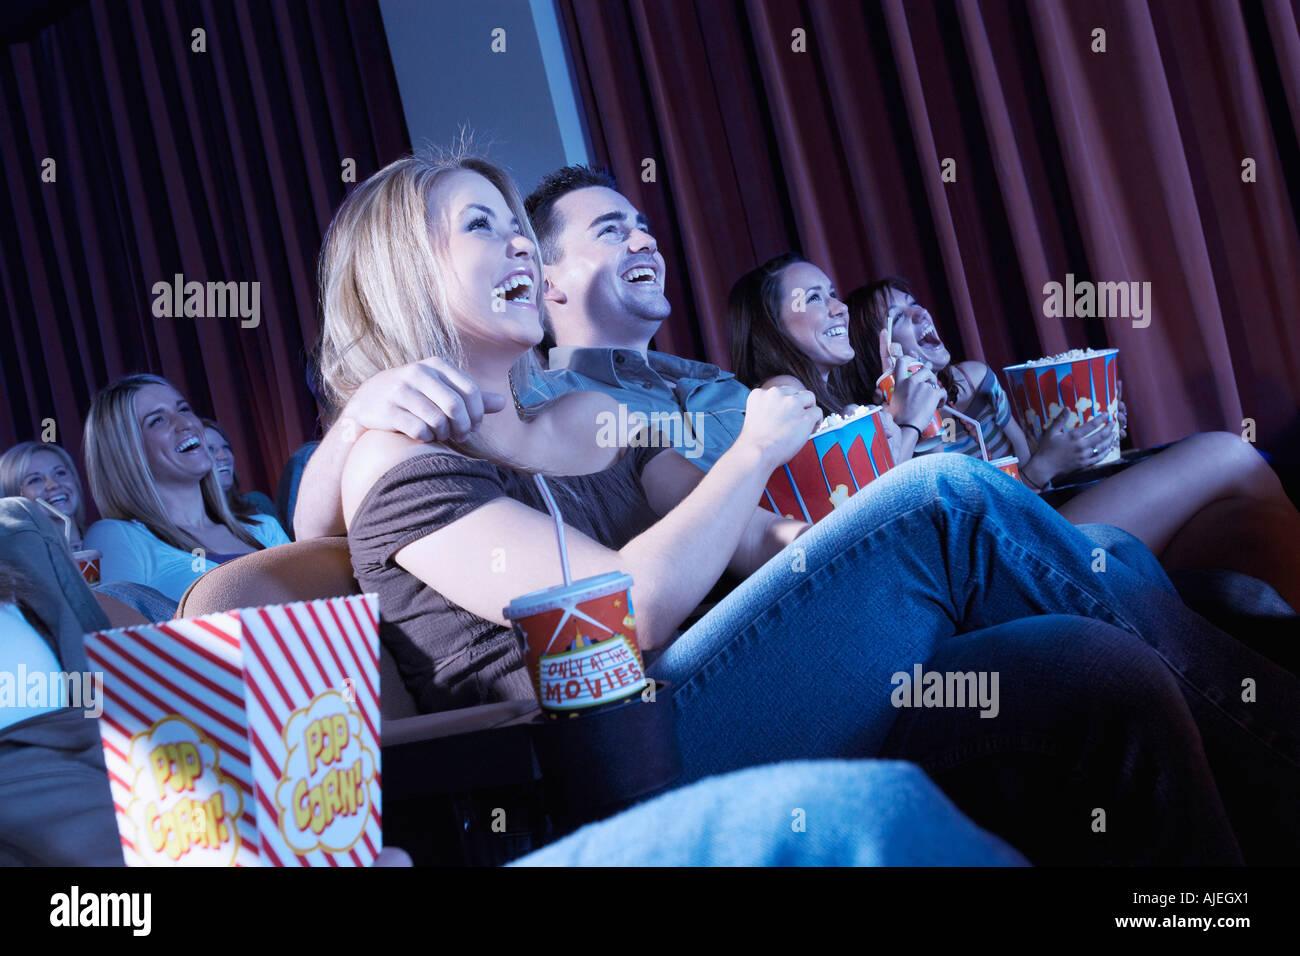 Pareja sonriente sentado, los brazos alrededor, viendo la película en el teatro Imagen De Stock